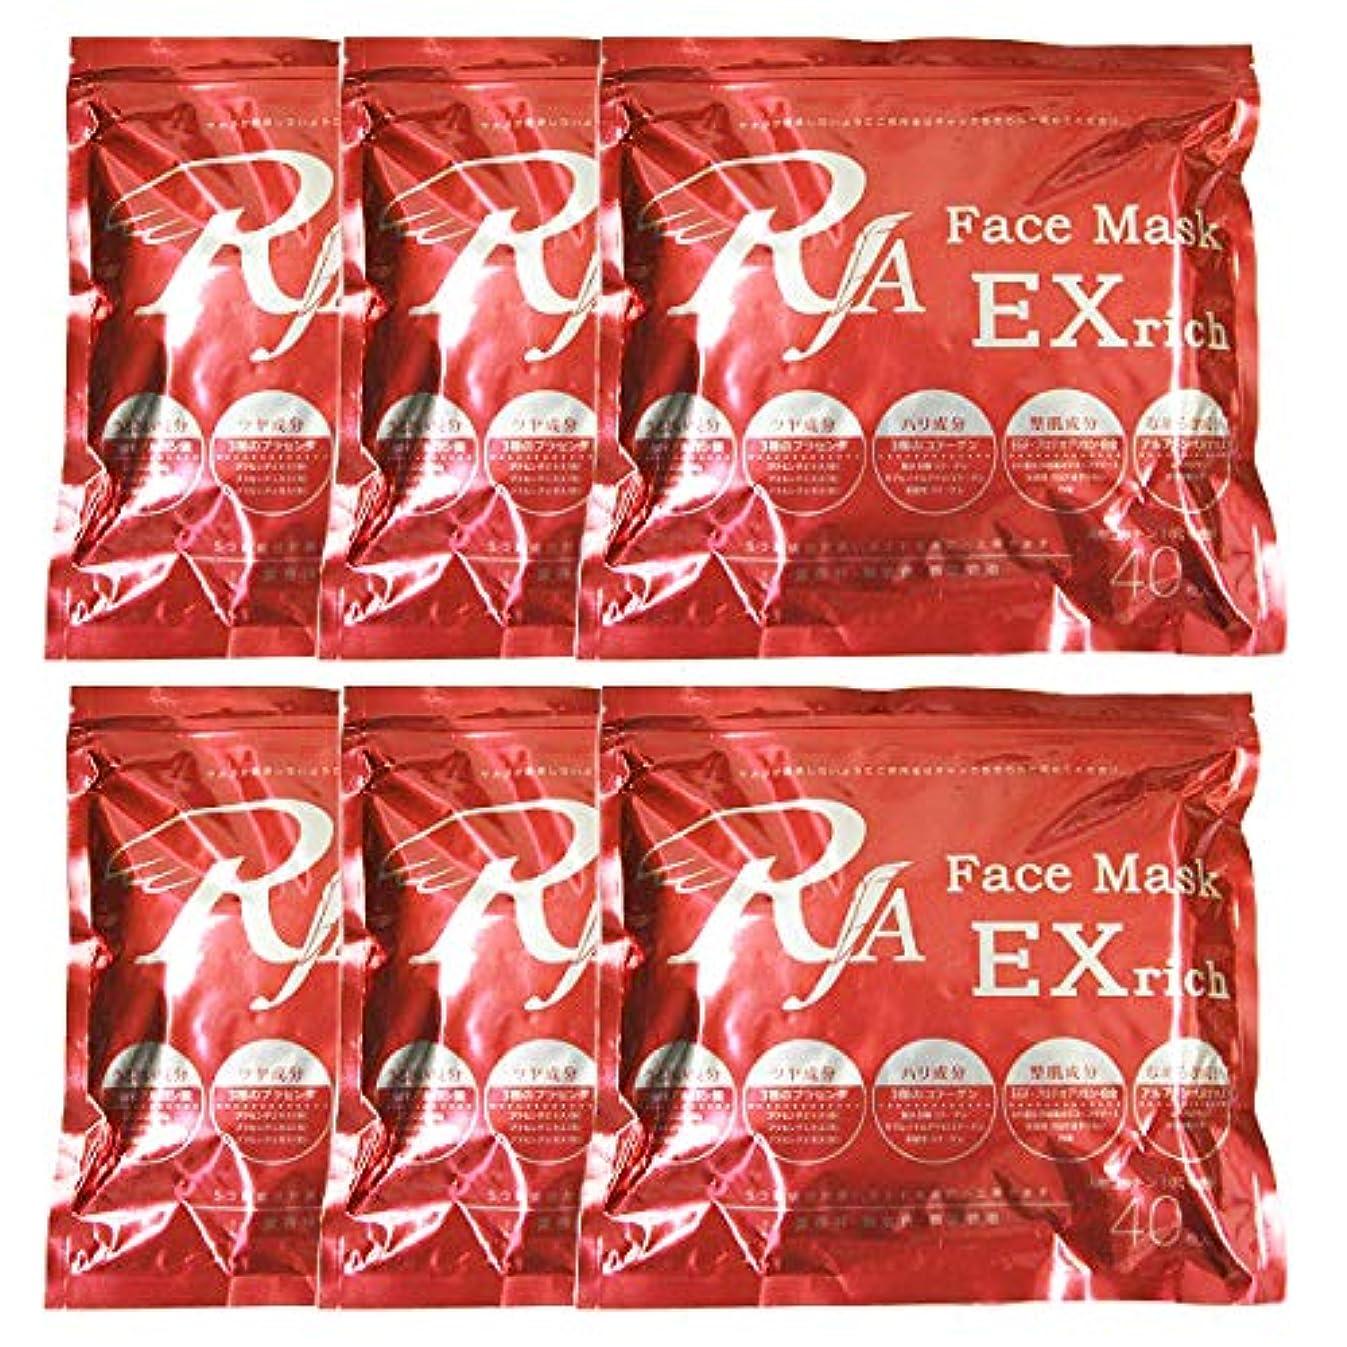 確認する電気技師リングバックTBS公式/RJA フェイス マスク EXrich 240枚入(40枚×6袋) エステ使用の実力派フェイスマスク!1枚に約11mlもの美容液